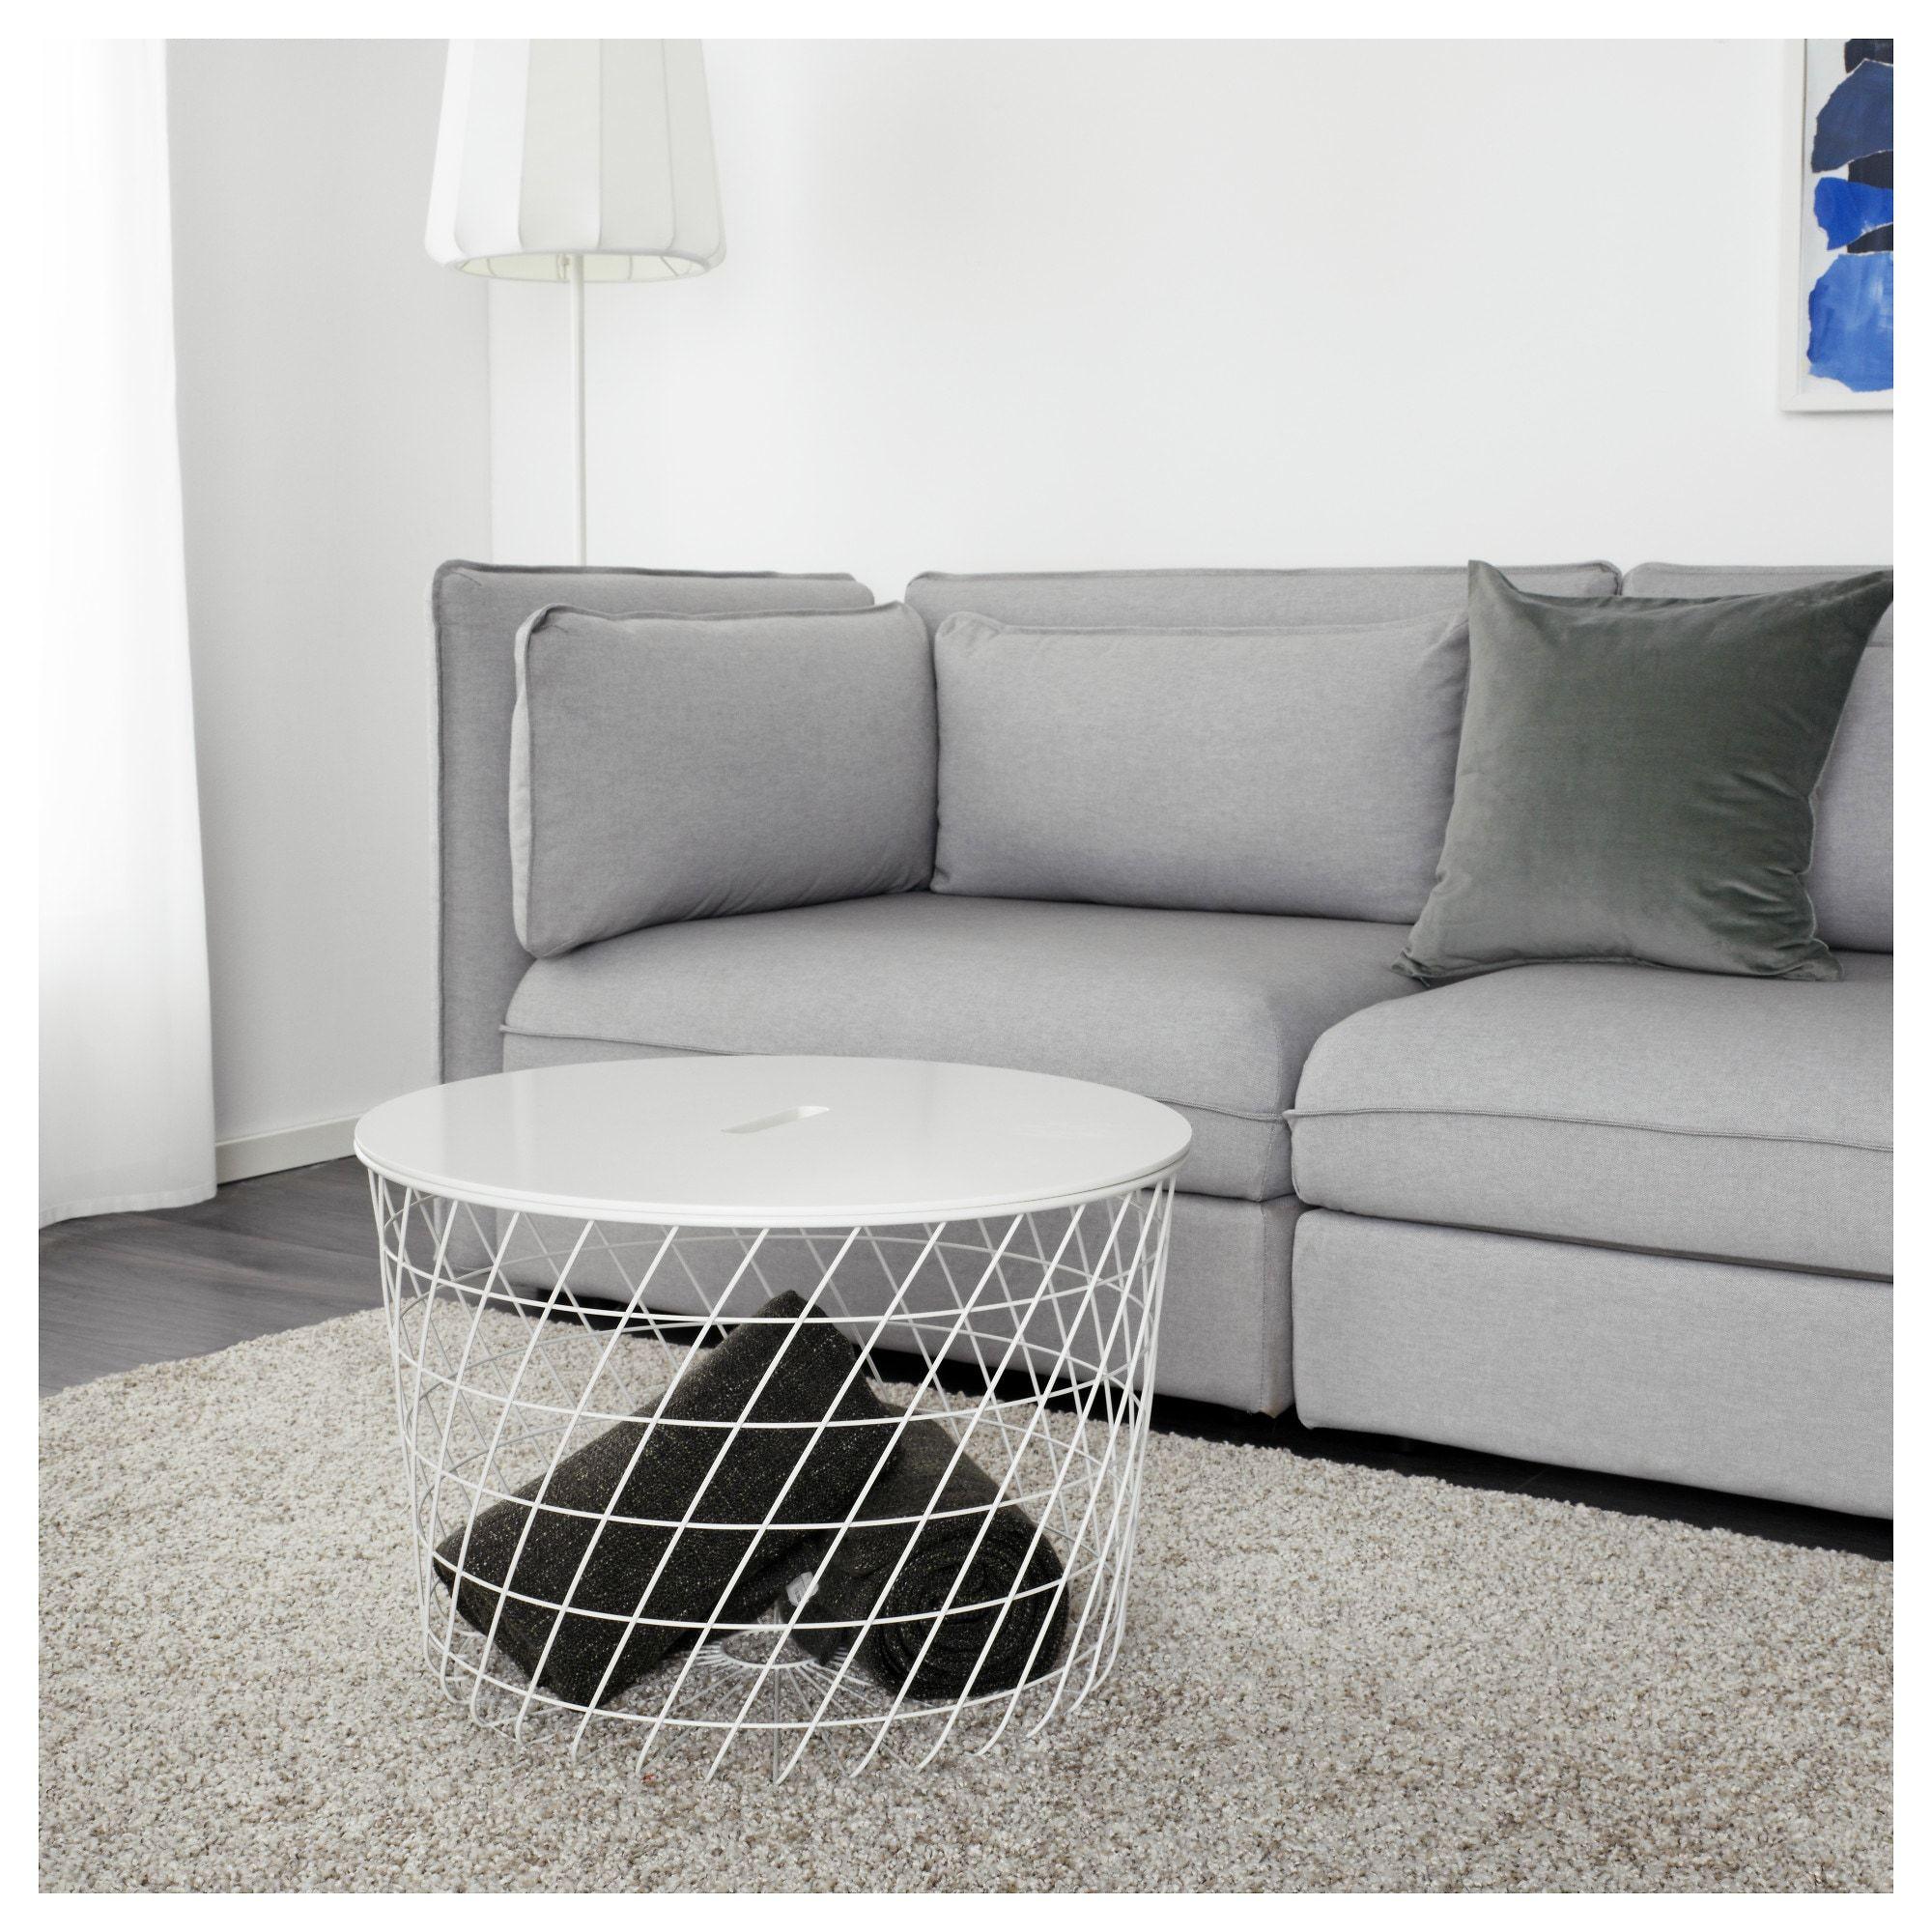 Mobili Bassi Ikea Soggiorno kvistbro tavolino/contenitore - bianco 61 cm (con immagini